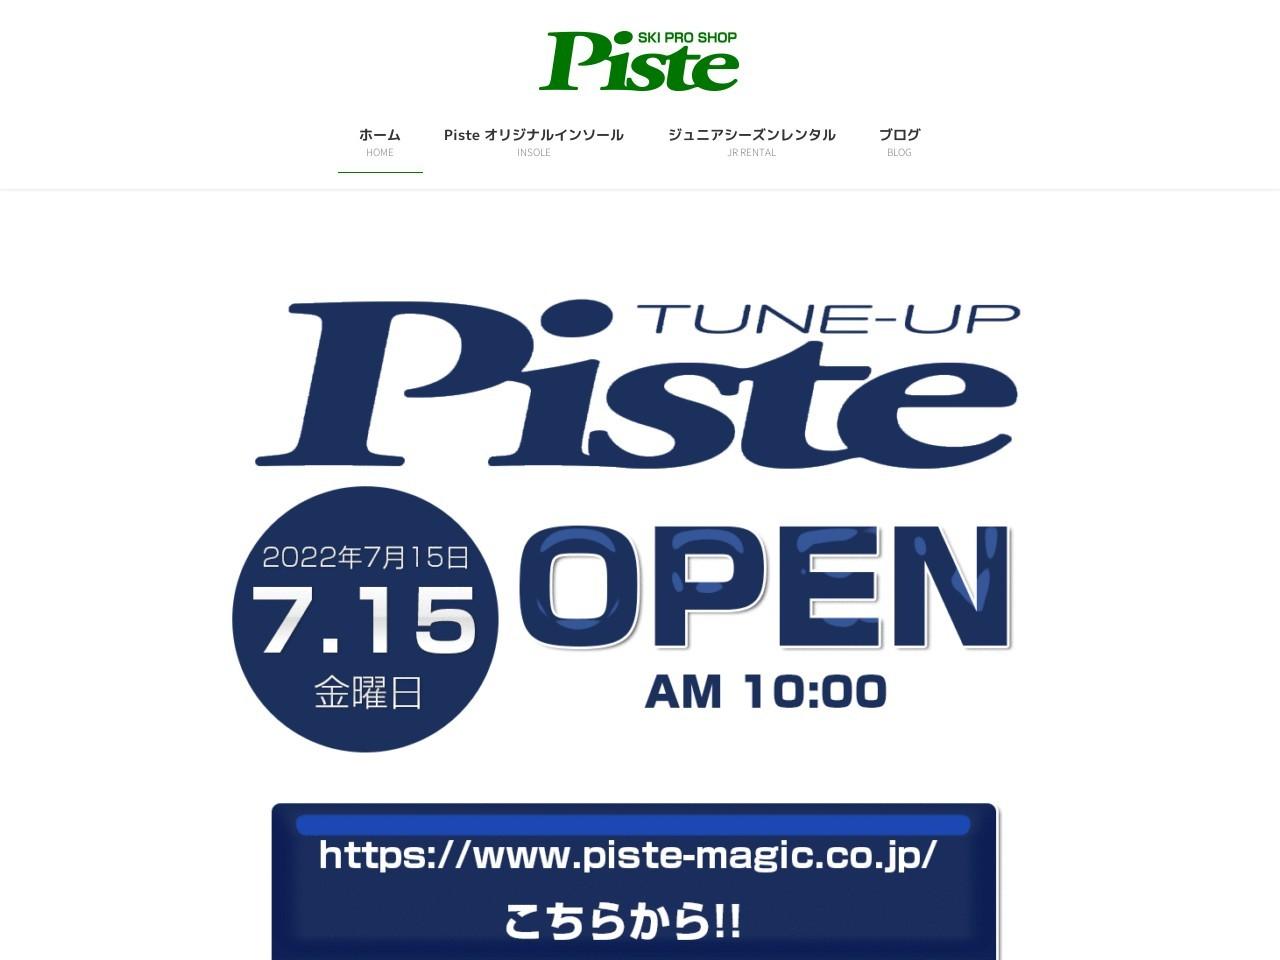 スキープロショップピステ